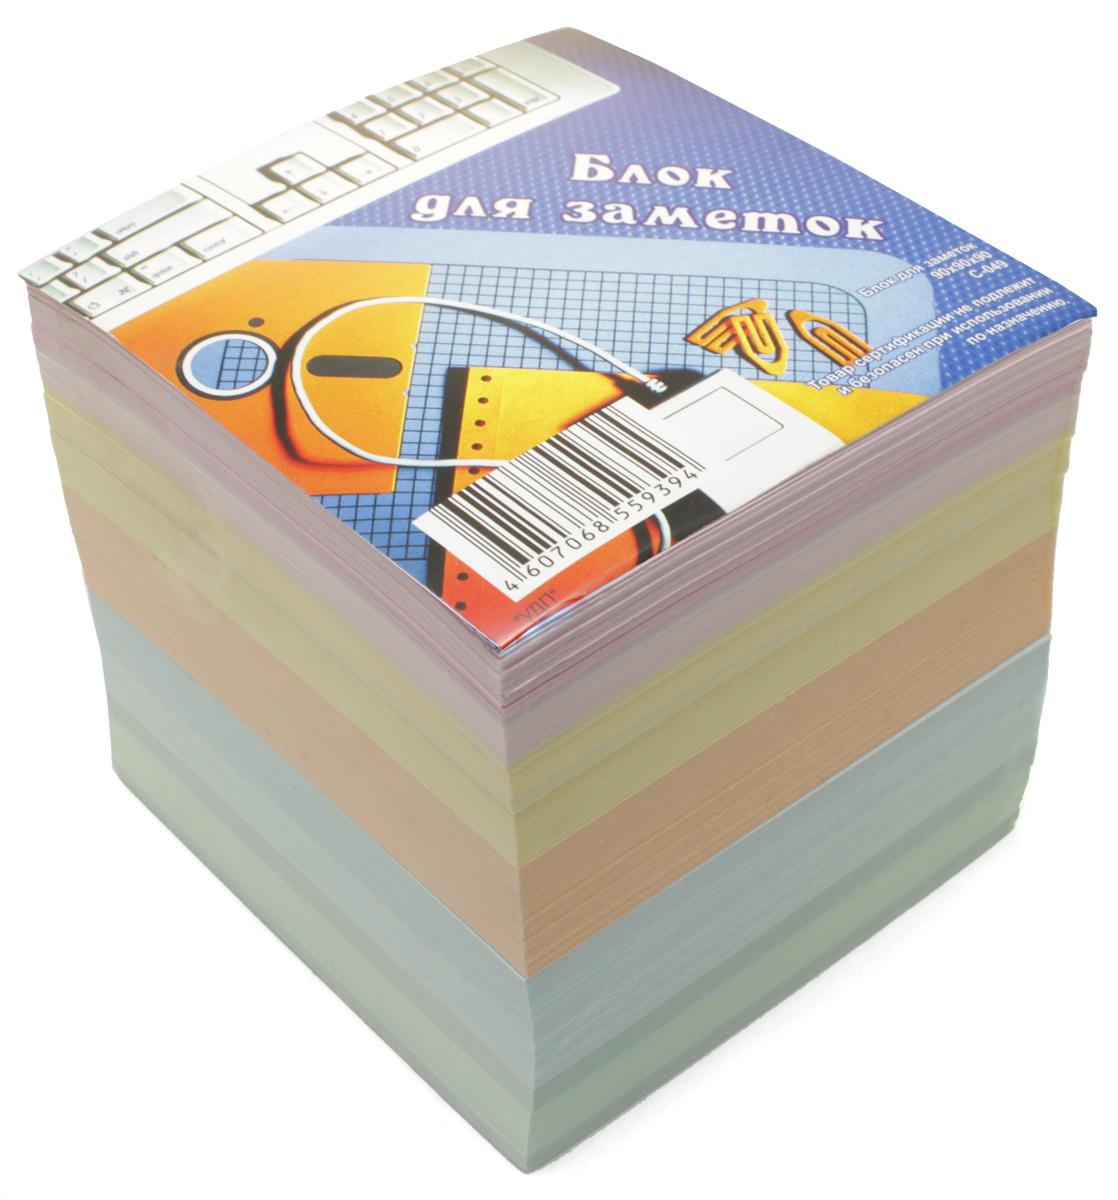 Ульяновский Дом печати Бумага для заметок цветная С-0490703415Бумага для заметок Ульяновский Дом печати - это удобное и практическое решение для быстрой записи информации дома или на работе.Блок состоит из листов цветной бумаги и имеет размер 9 см х 9 см х 9 см.